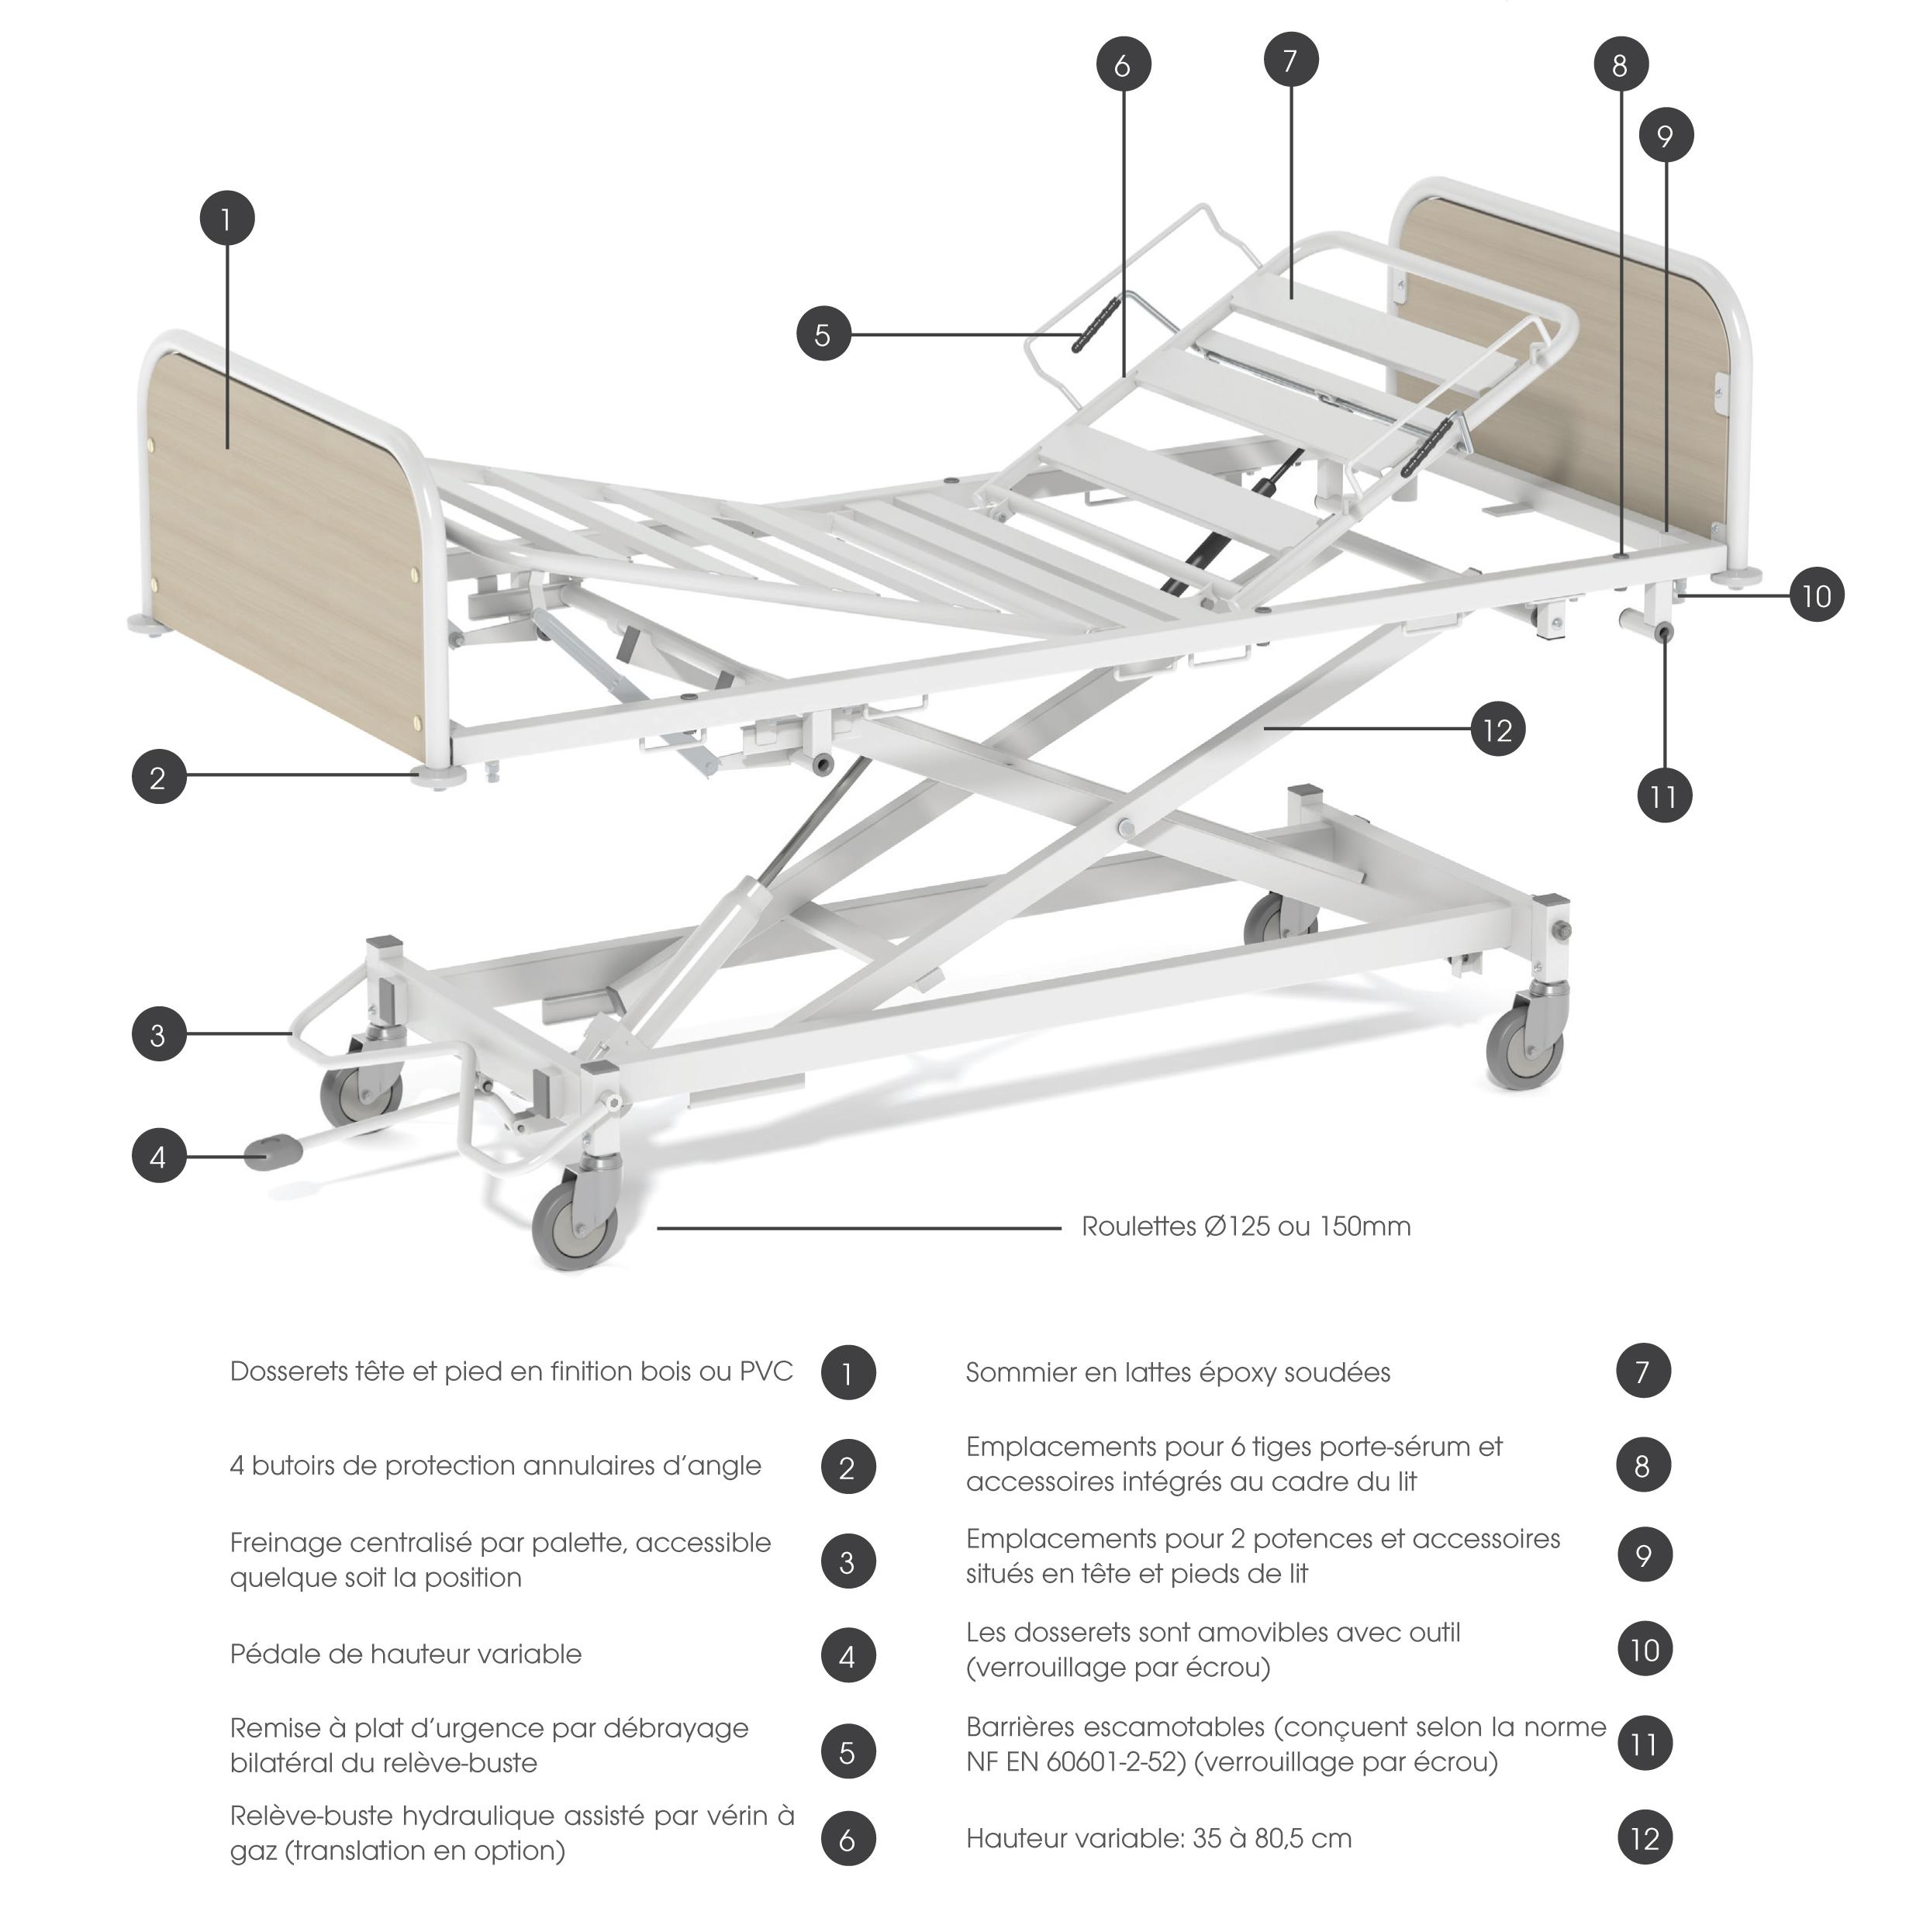 Lit m dicalis l1460 lits psychiatriques lits mobilier hospitalier nos produits matifas - Lit medicalise dimensions ...